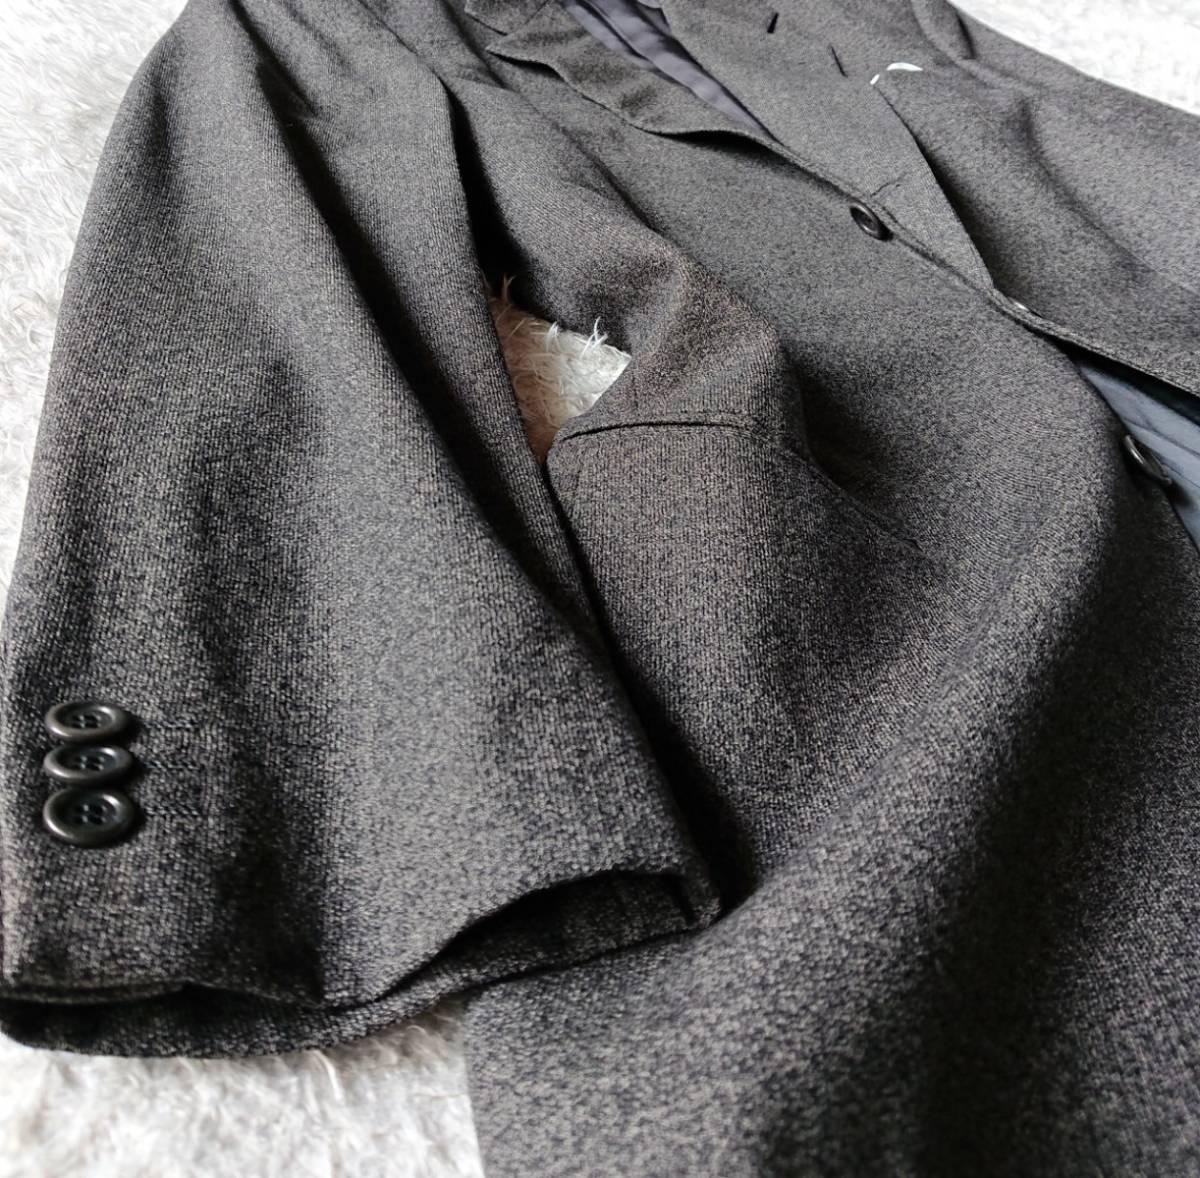 最高級ビジネスライン 極上ヴァージンウール100% 柔らか高級な肌触★ アルマーニ コレツィオーニ スーツ セットアップ メンズ ダークグレー_画像6